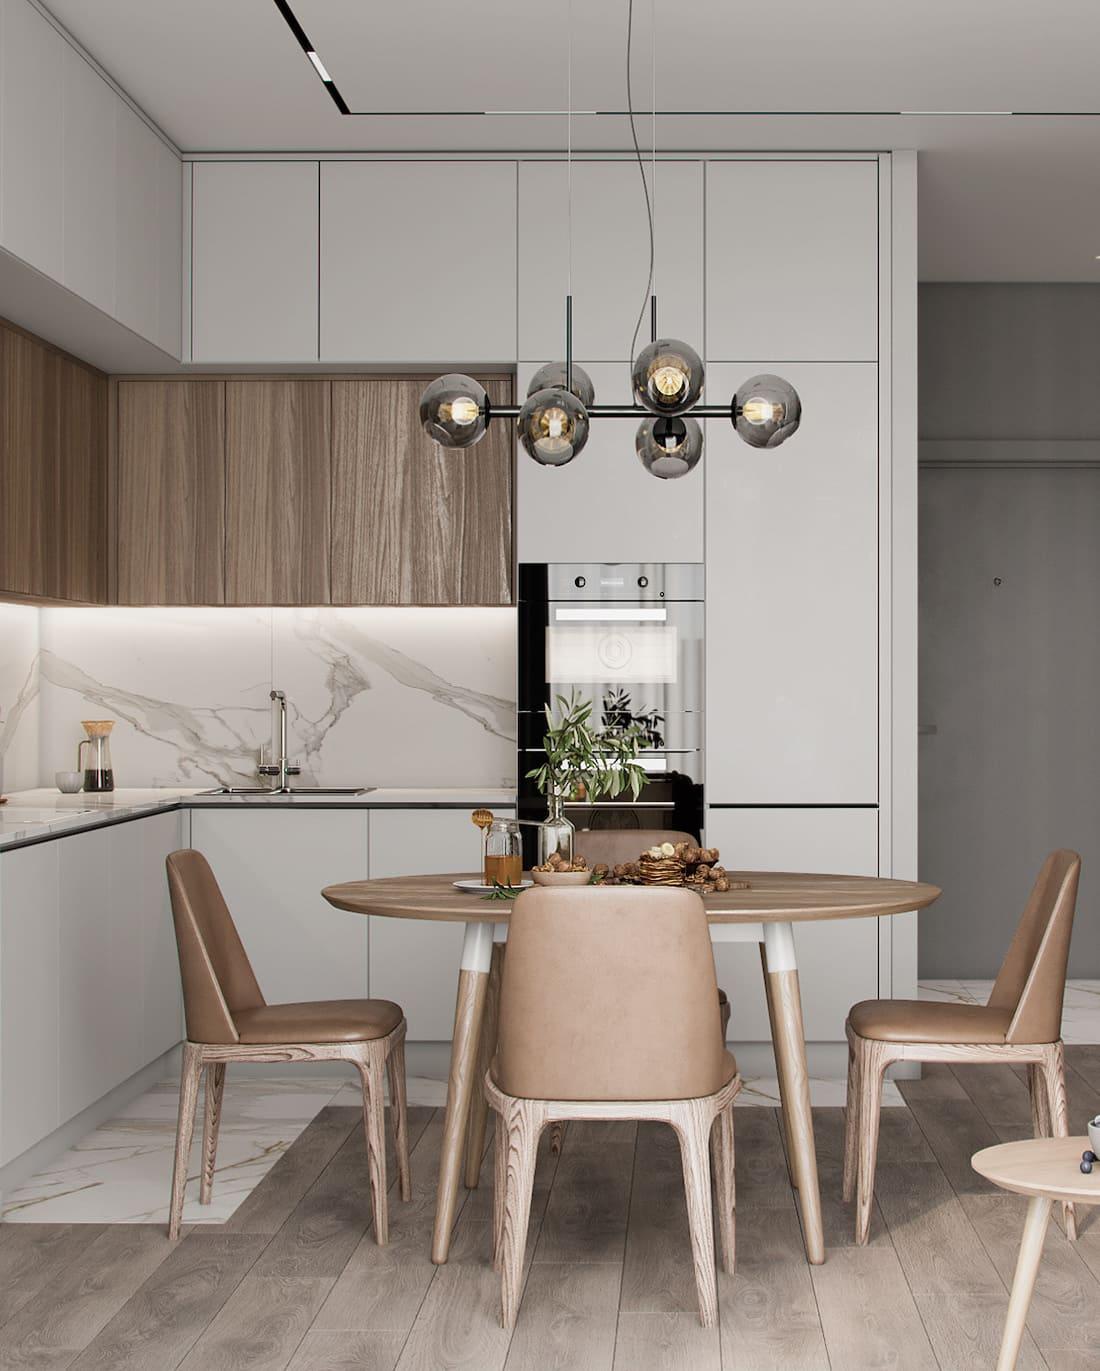 дизайн кухни в современном стиле фото 77